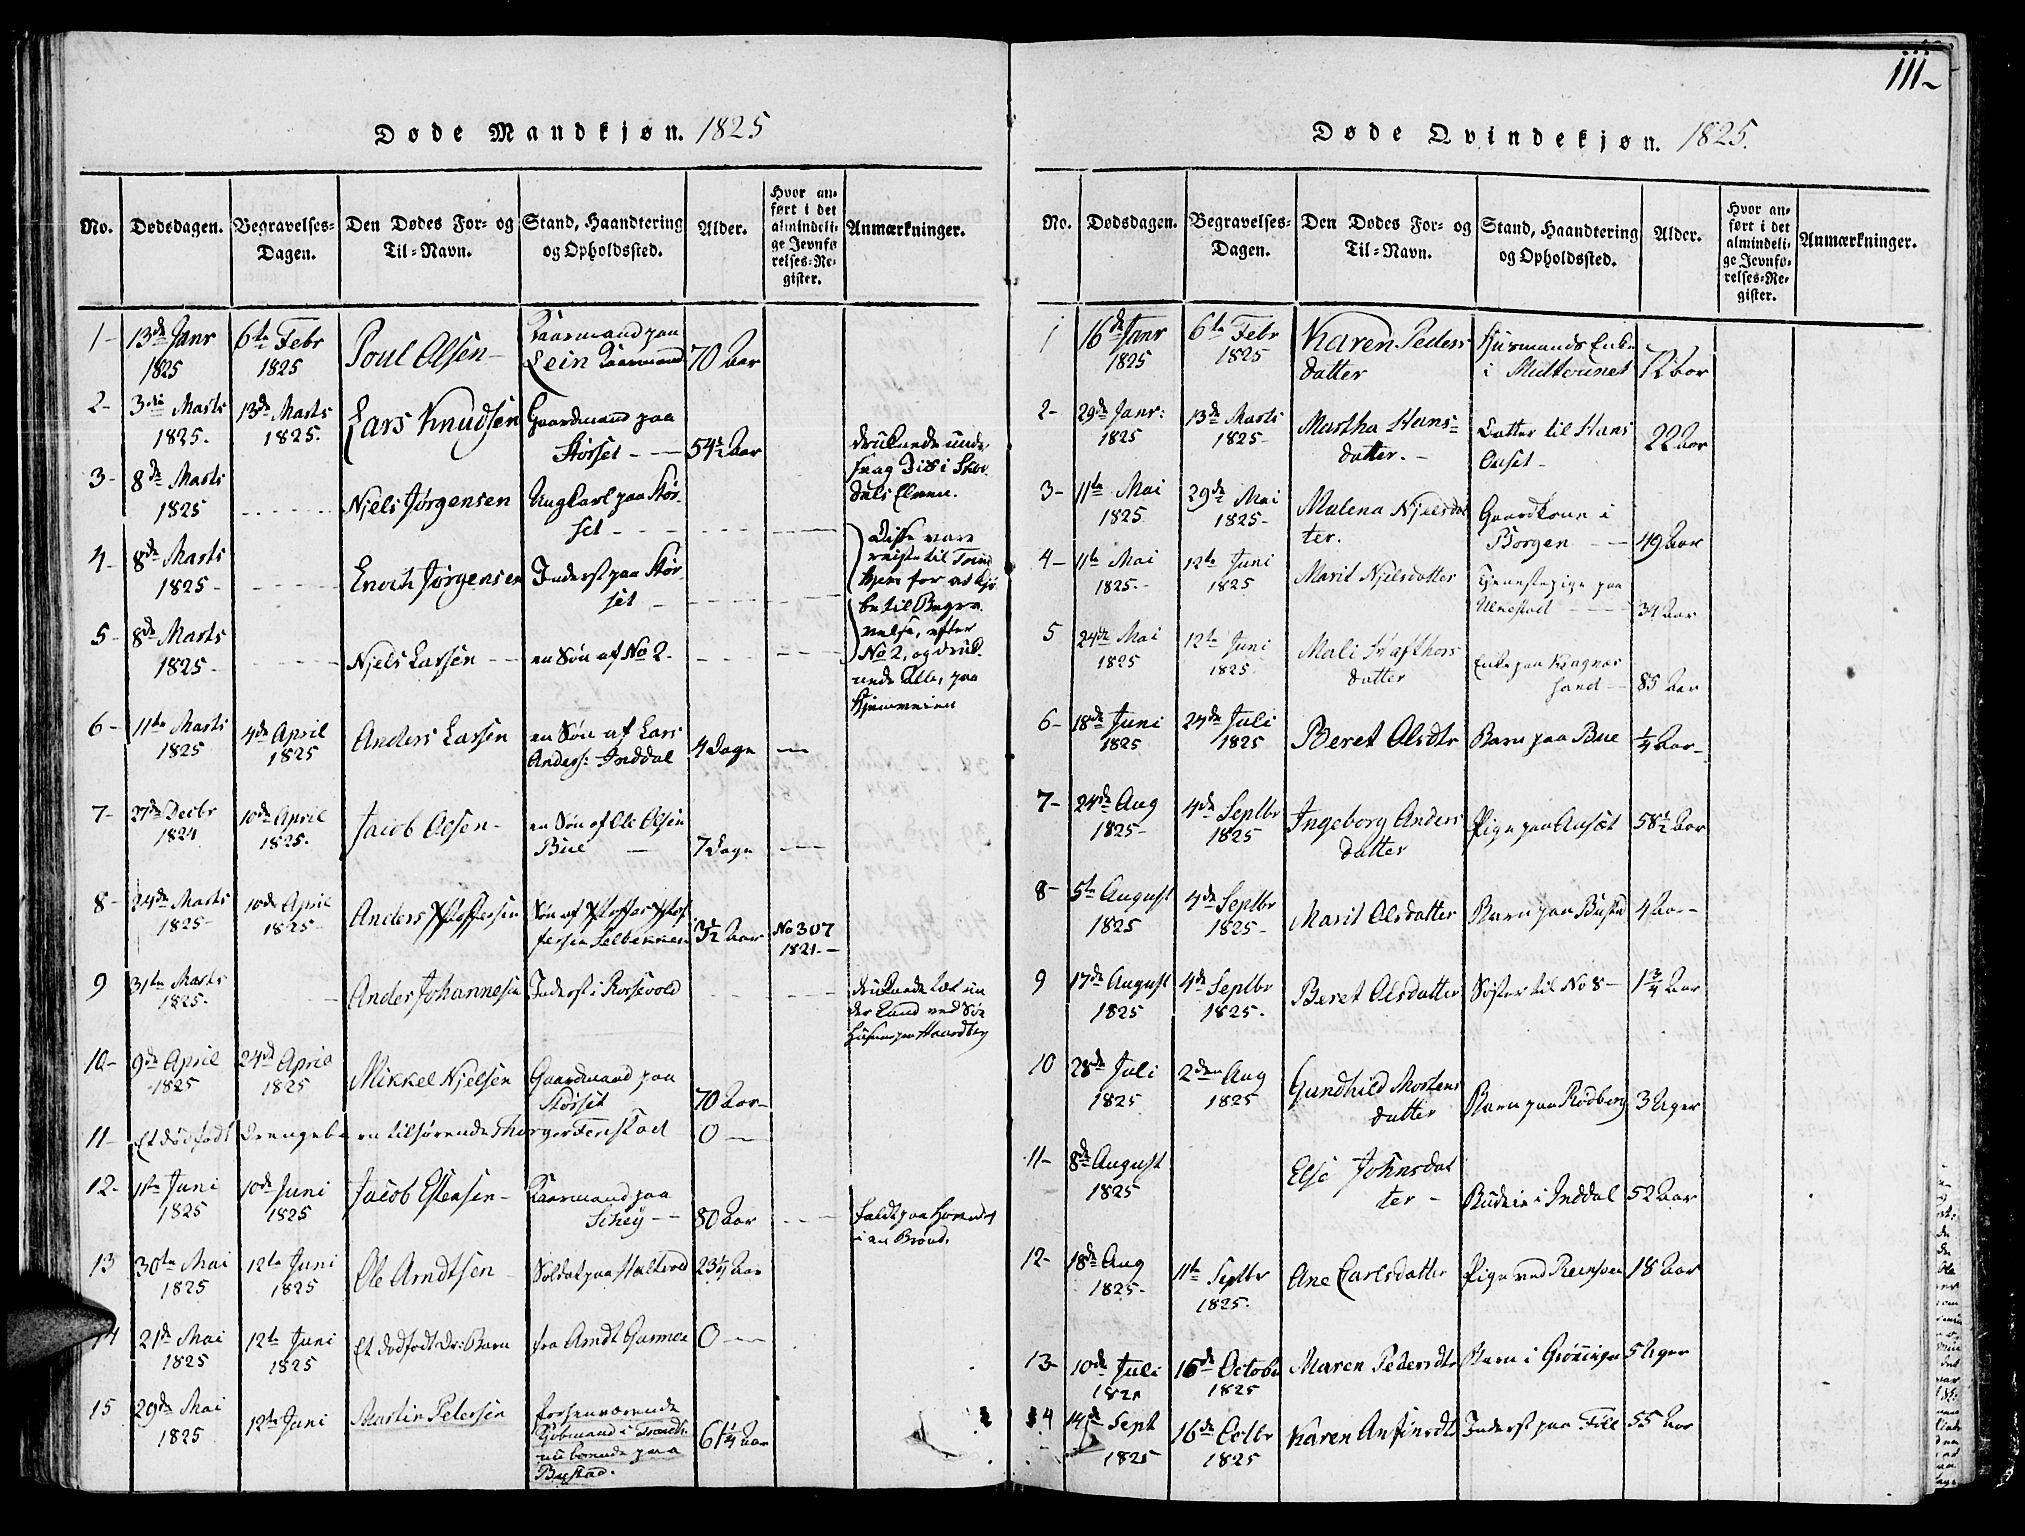 SAT, Ministerialprotokoller, klokkerbøker og fødselsregistre - Sør-Trøndelag, 646/L0608: Ministerialbok nr. 646A06, 1816-1825, s. 111